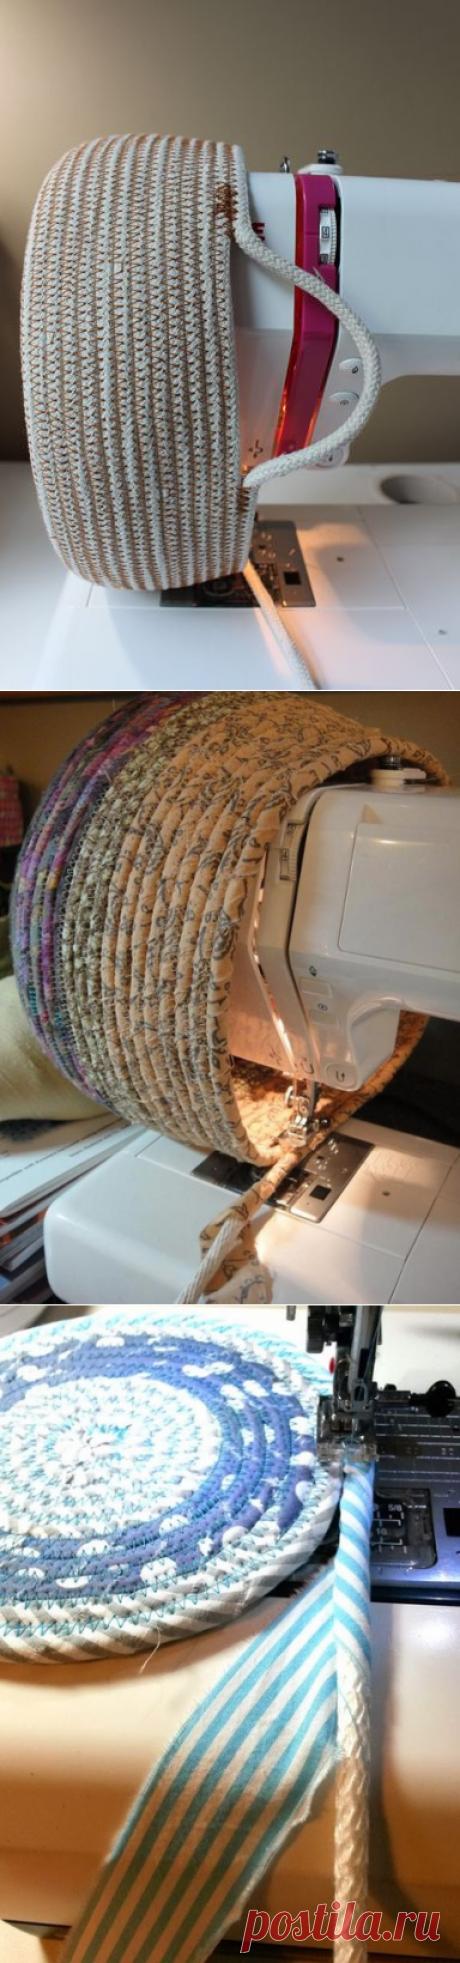 La costura - mi hobby - la costura, el patrón